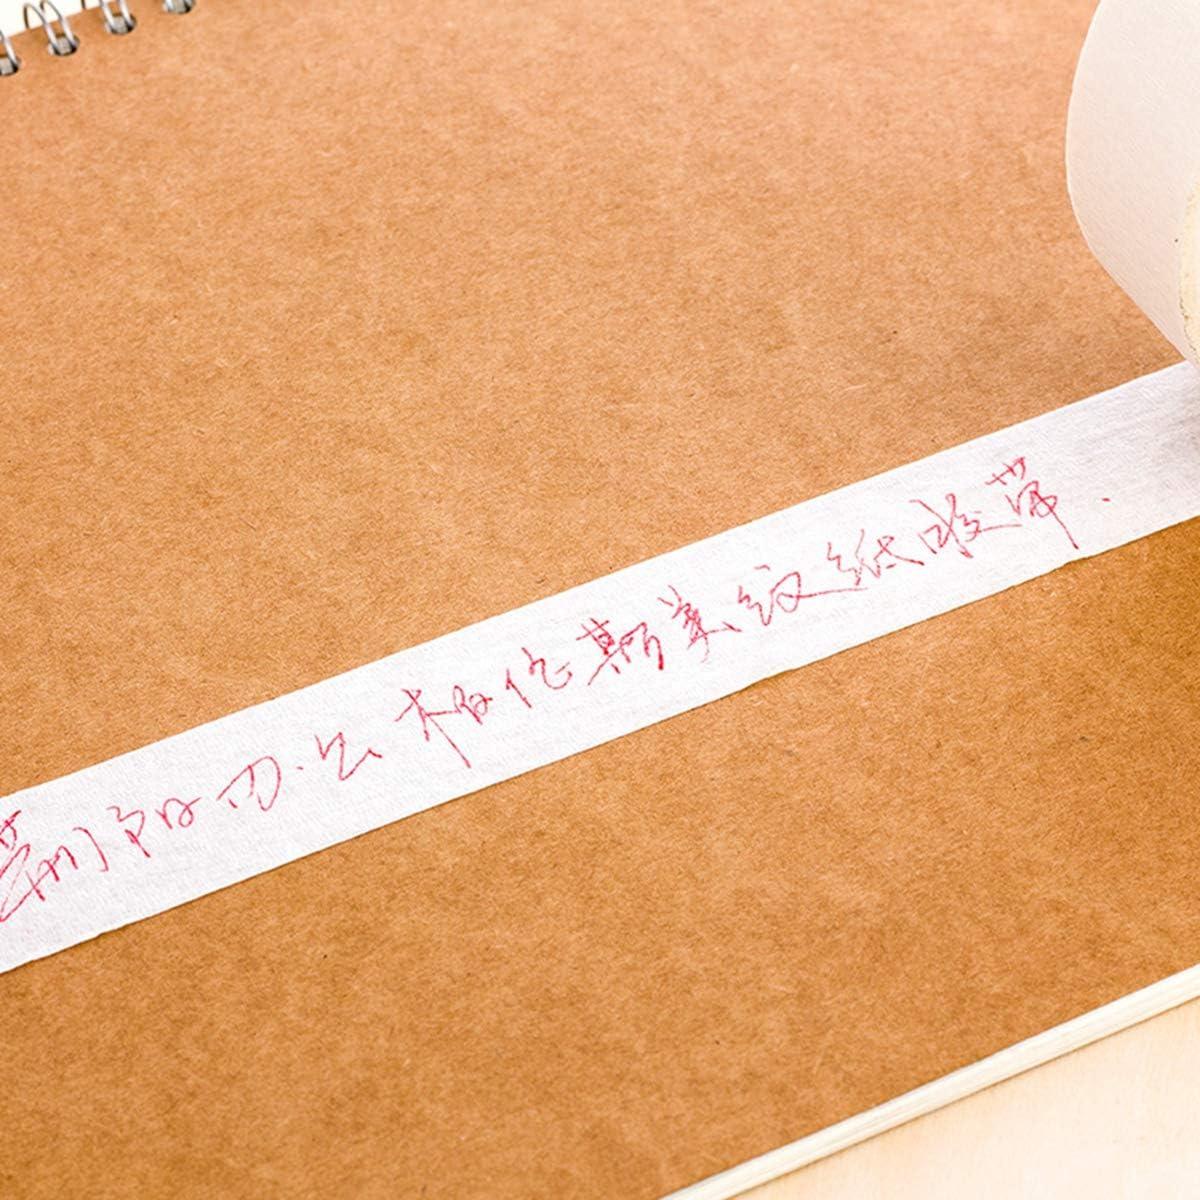 Barley33 6//12//24//48//60 mm Cinta de enmascarar Que se Puede Escribir Rollos de Cinta Adhesiva de un Solo Lado f/ácil de Usar Papel crep/é Autoadhesivo